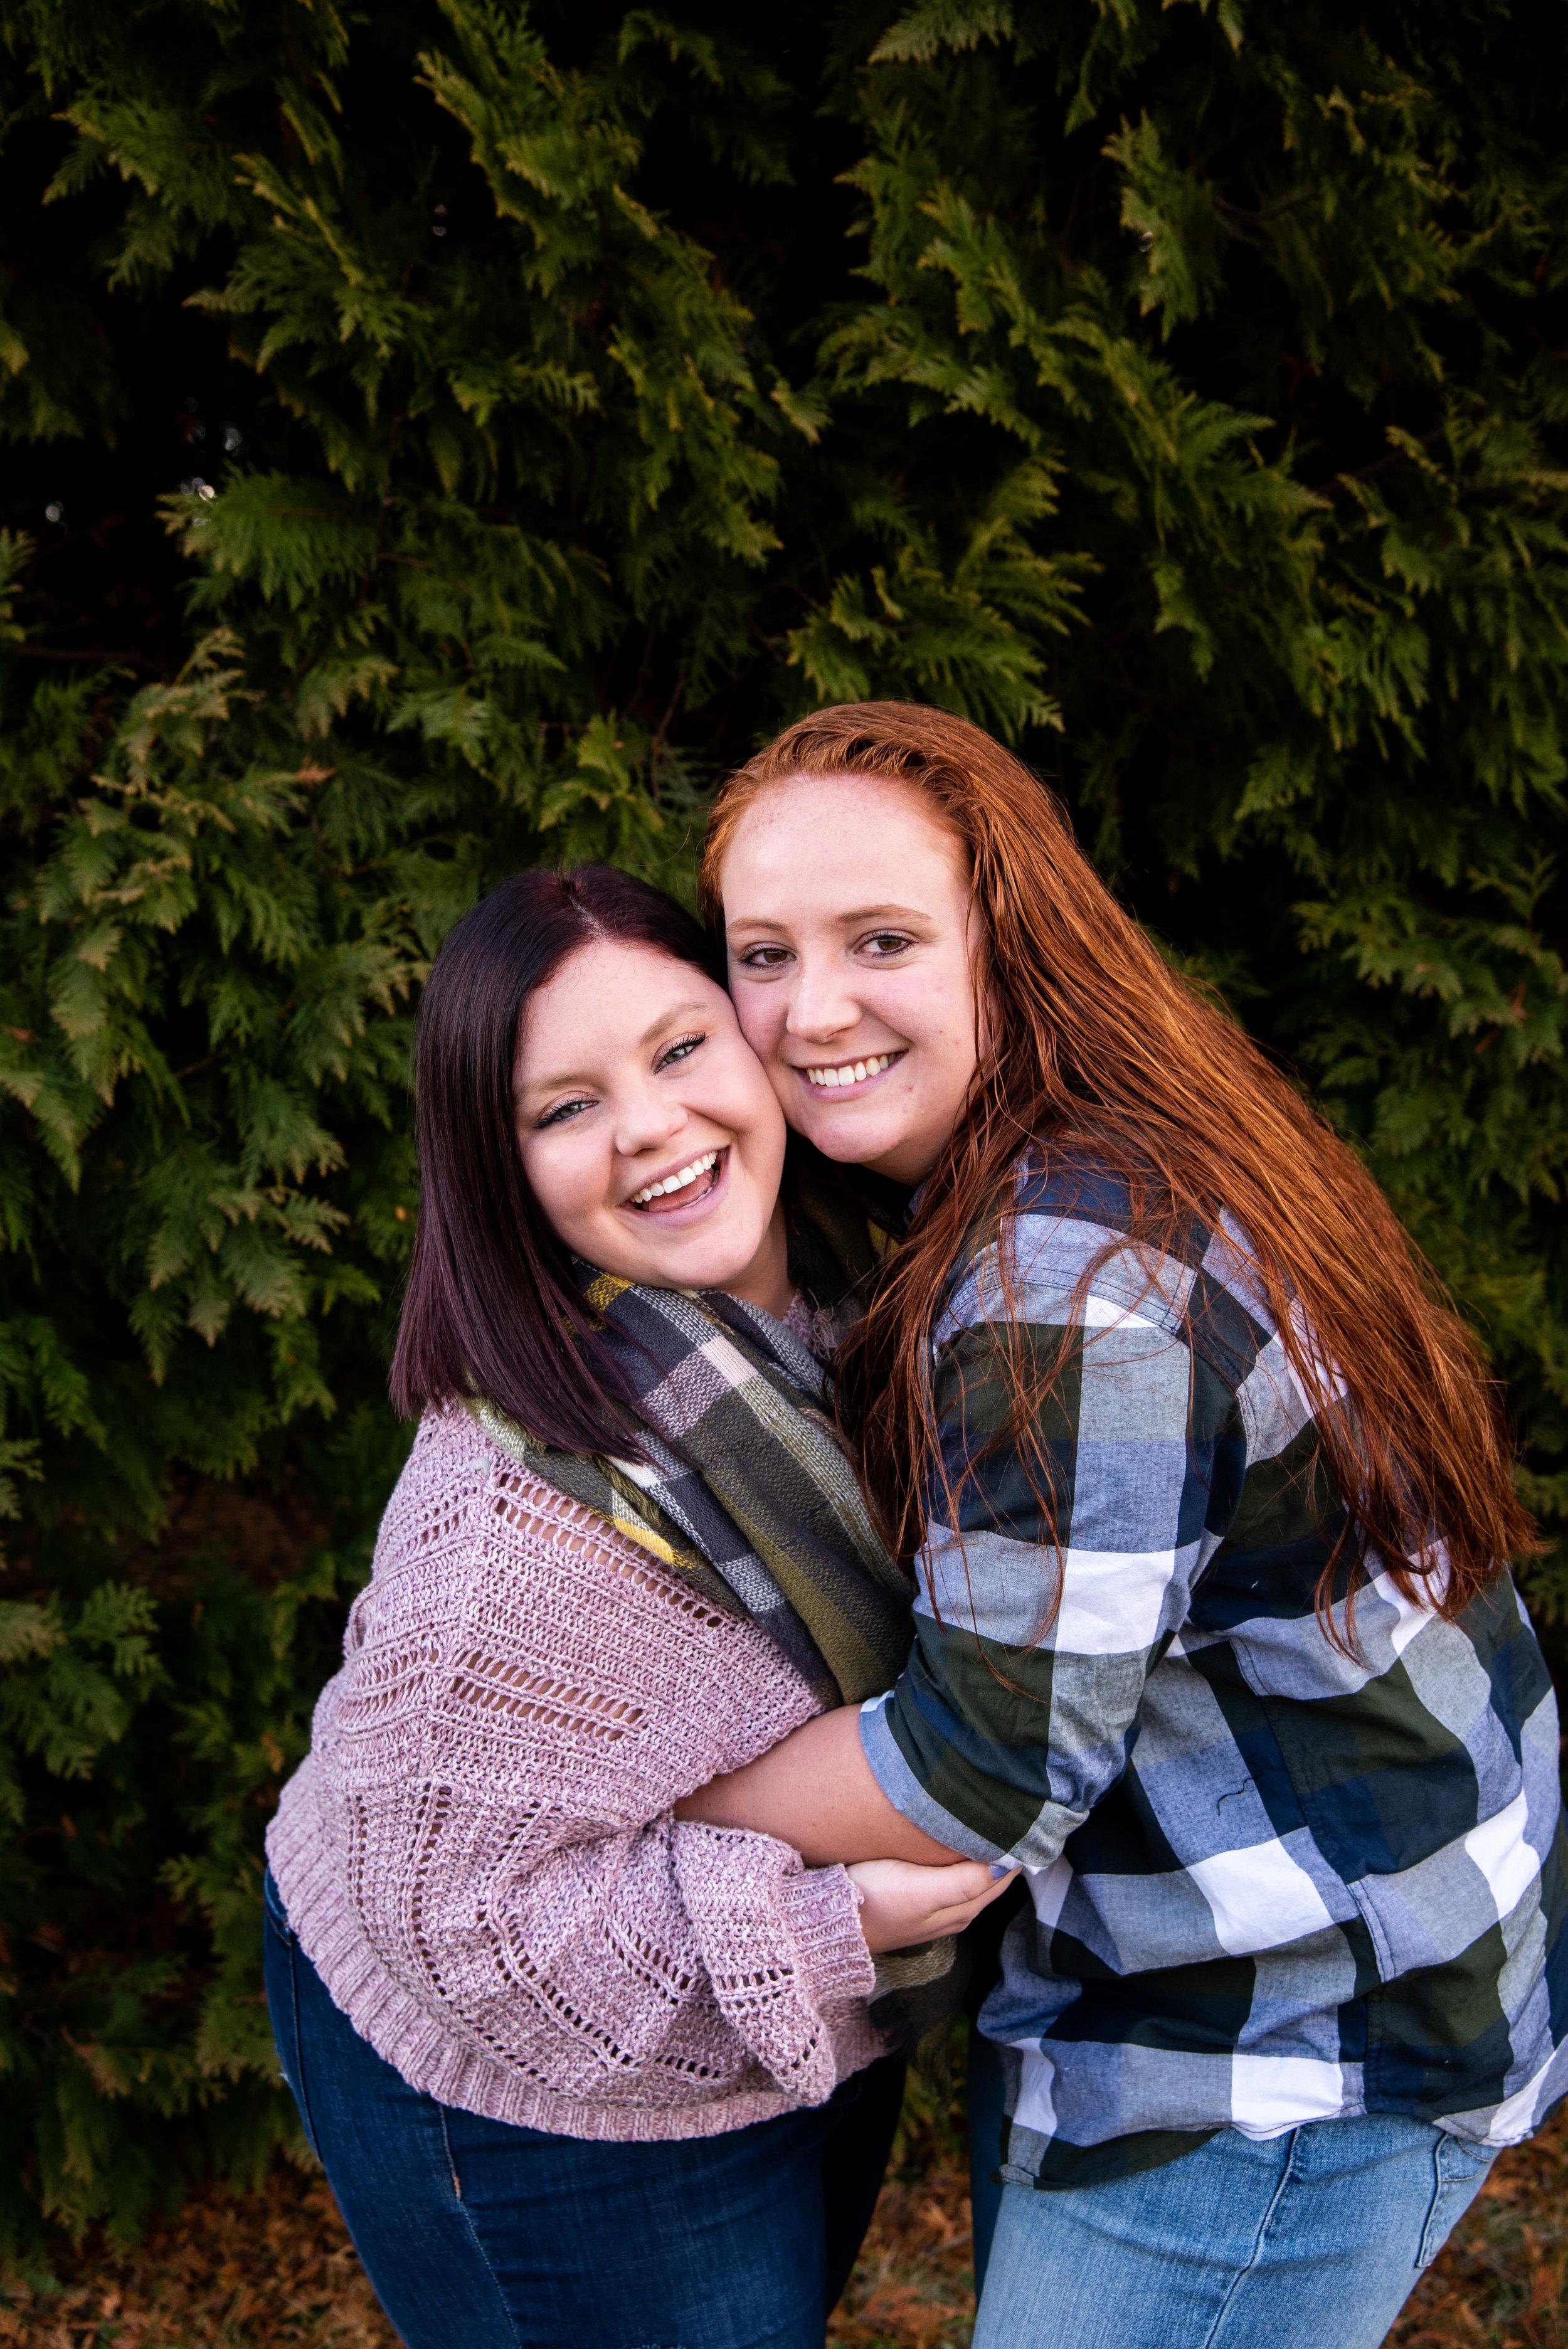 Kyla Jo Photography // Muncie Indiana Photographer // Family Photos // Whitetail Tree Farm // Couples Photos // Winter Photo Shoot // Christmas Tree Farm Photo Session // #CoupleGoals